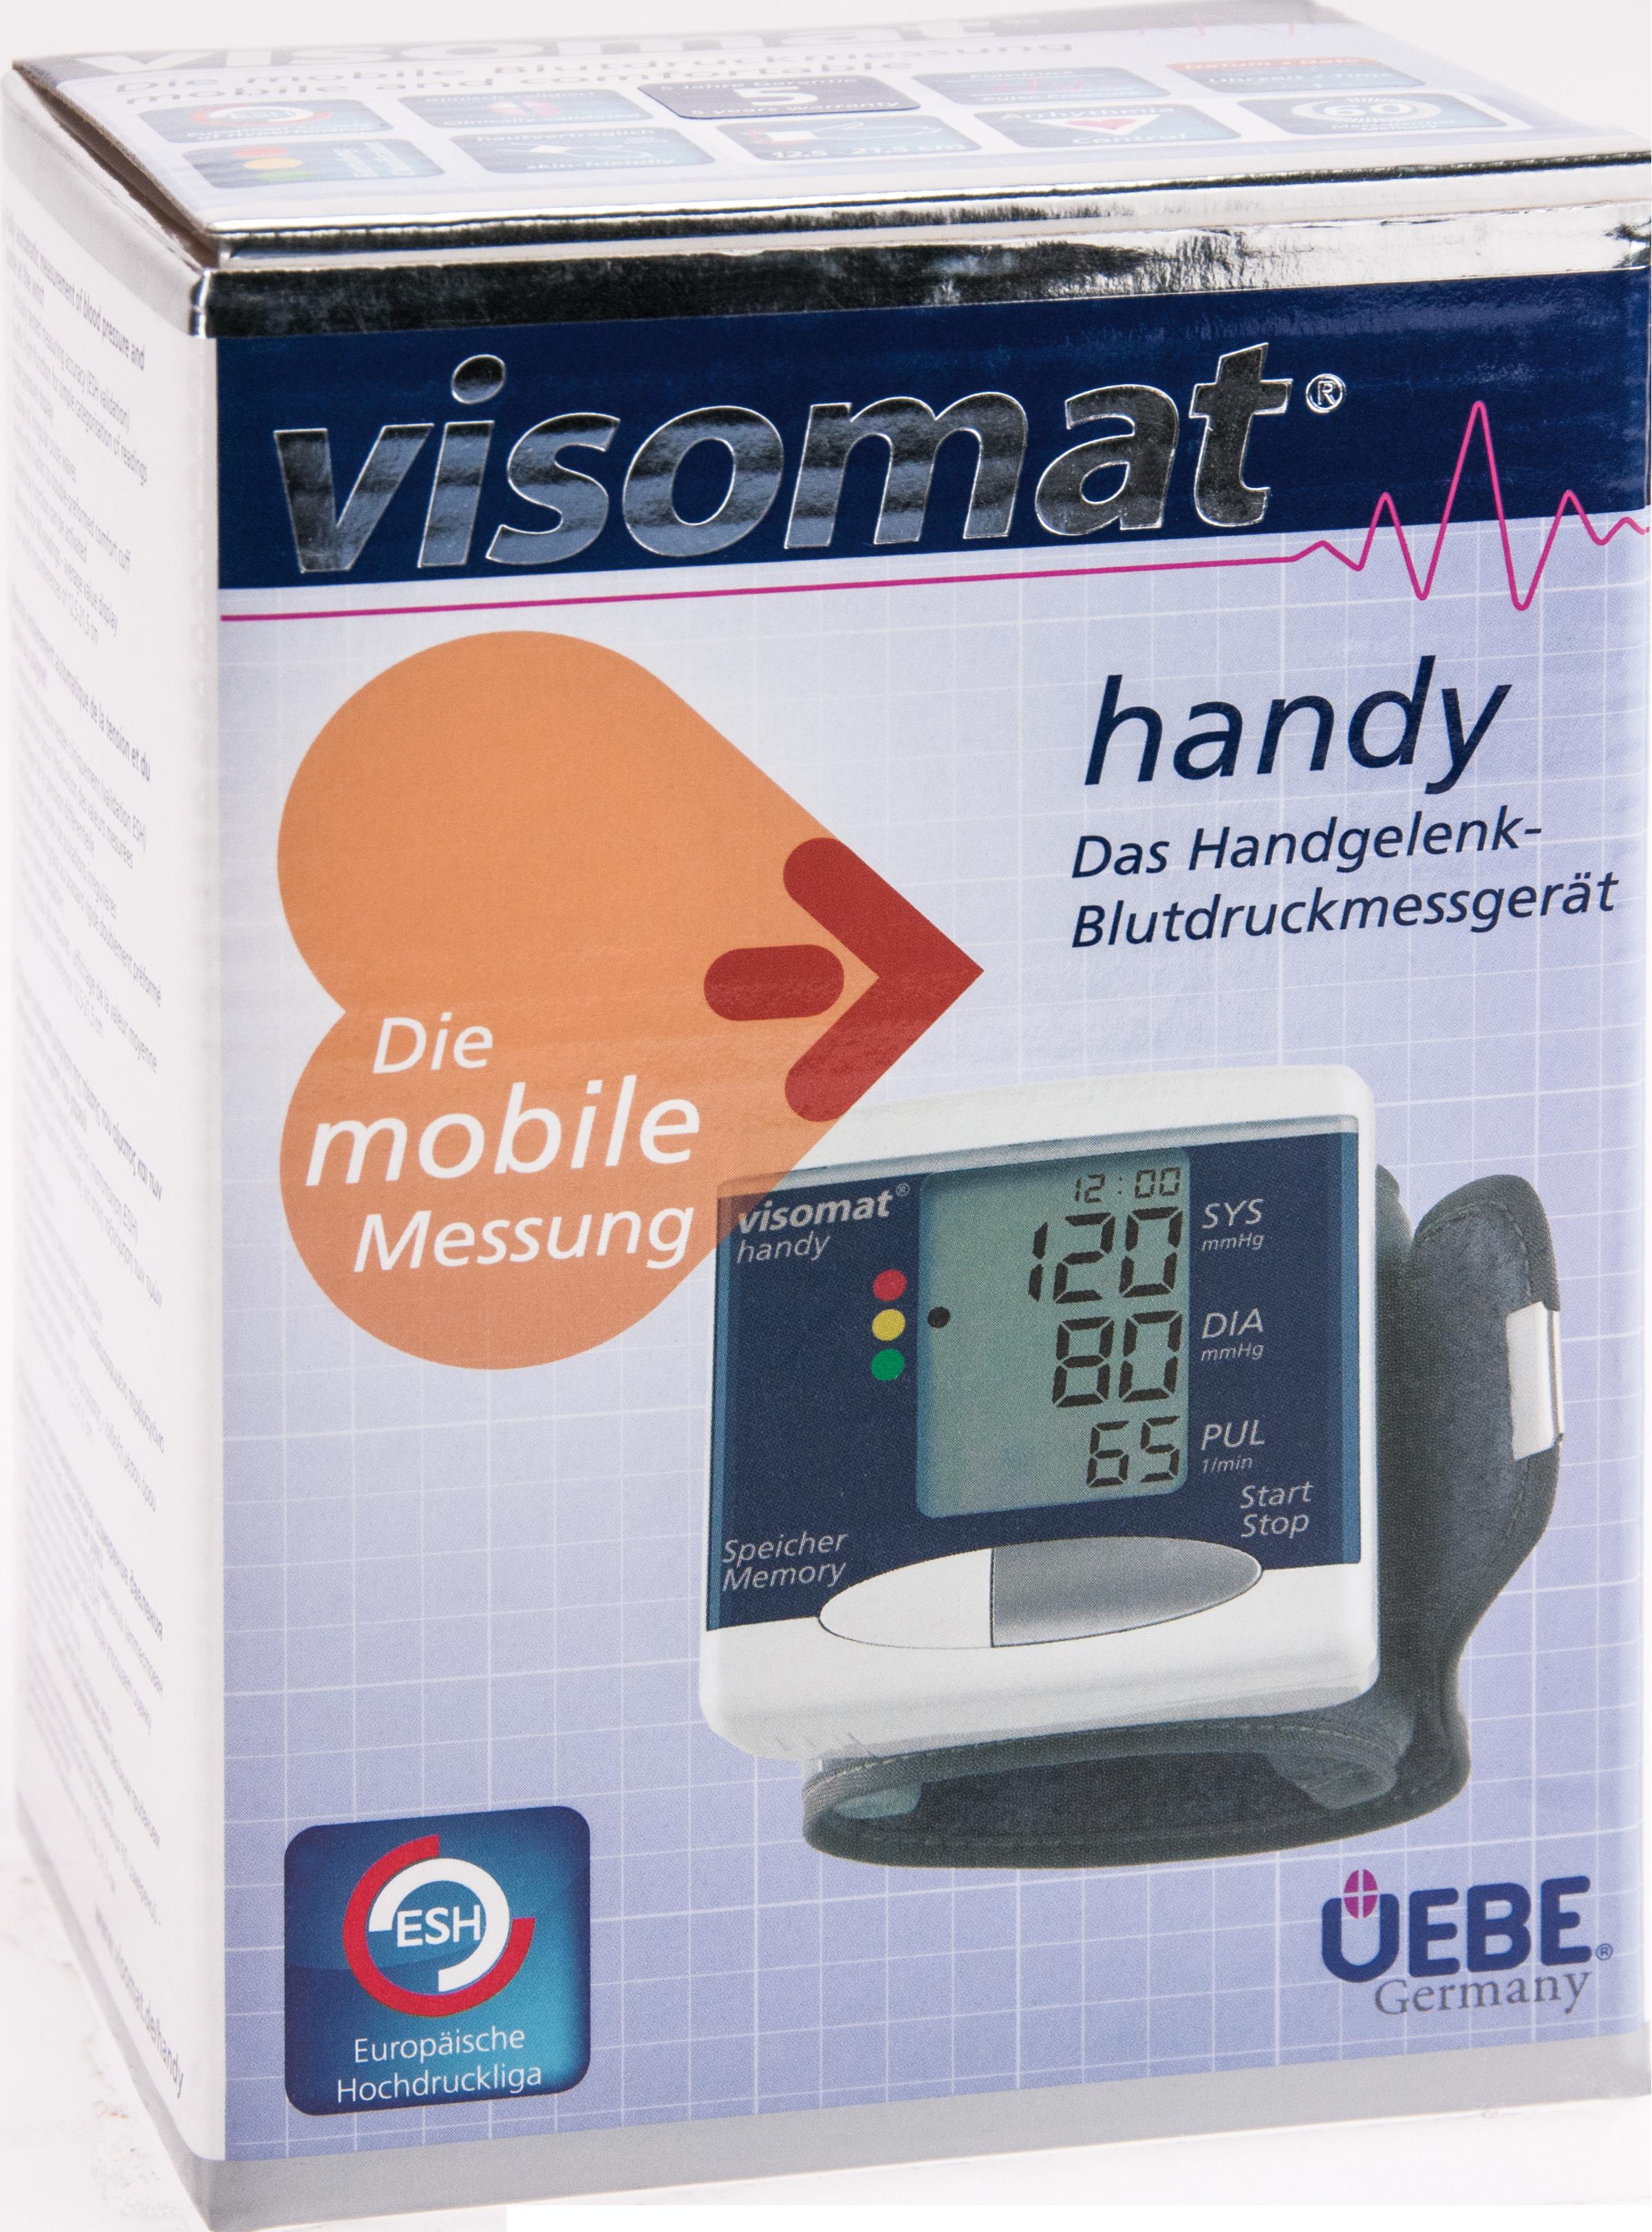 visomat handy Handgelenk Blutdruckmessgeraet